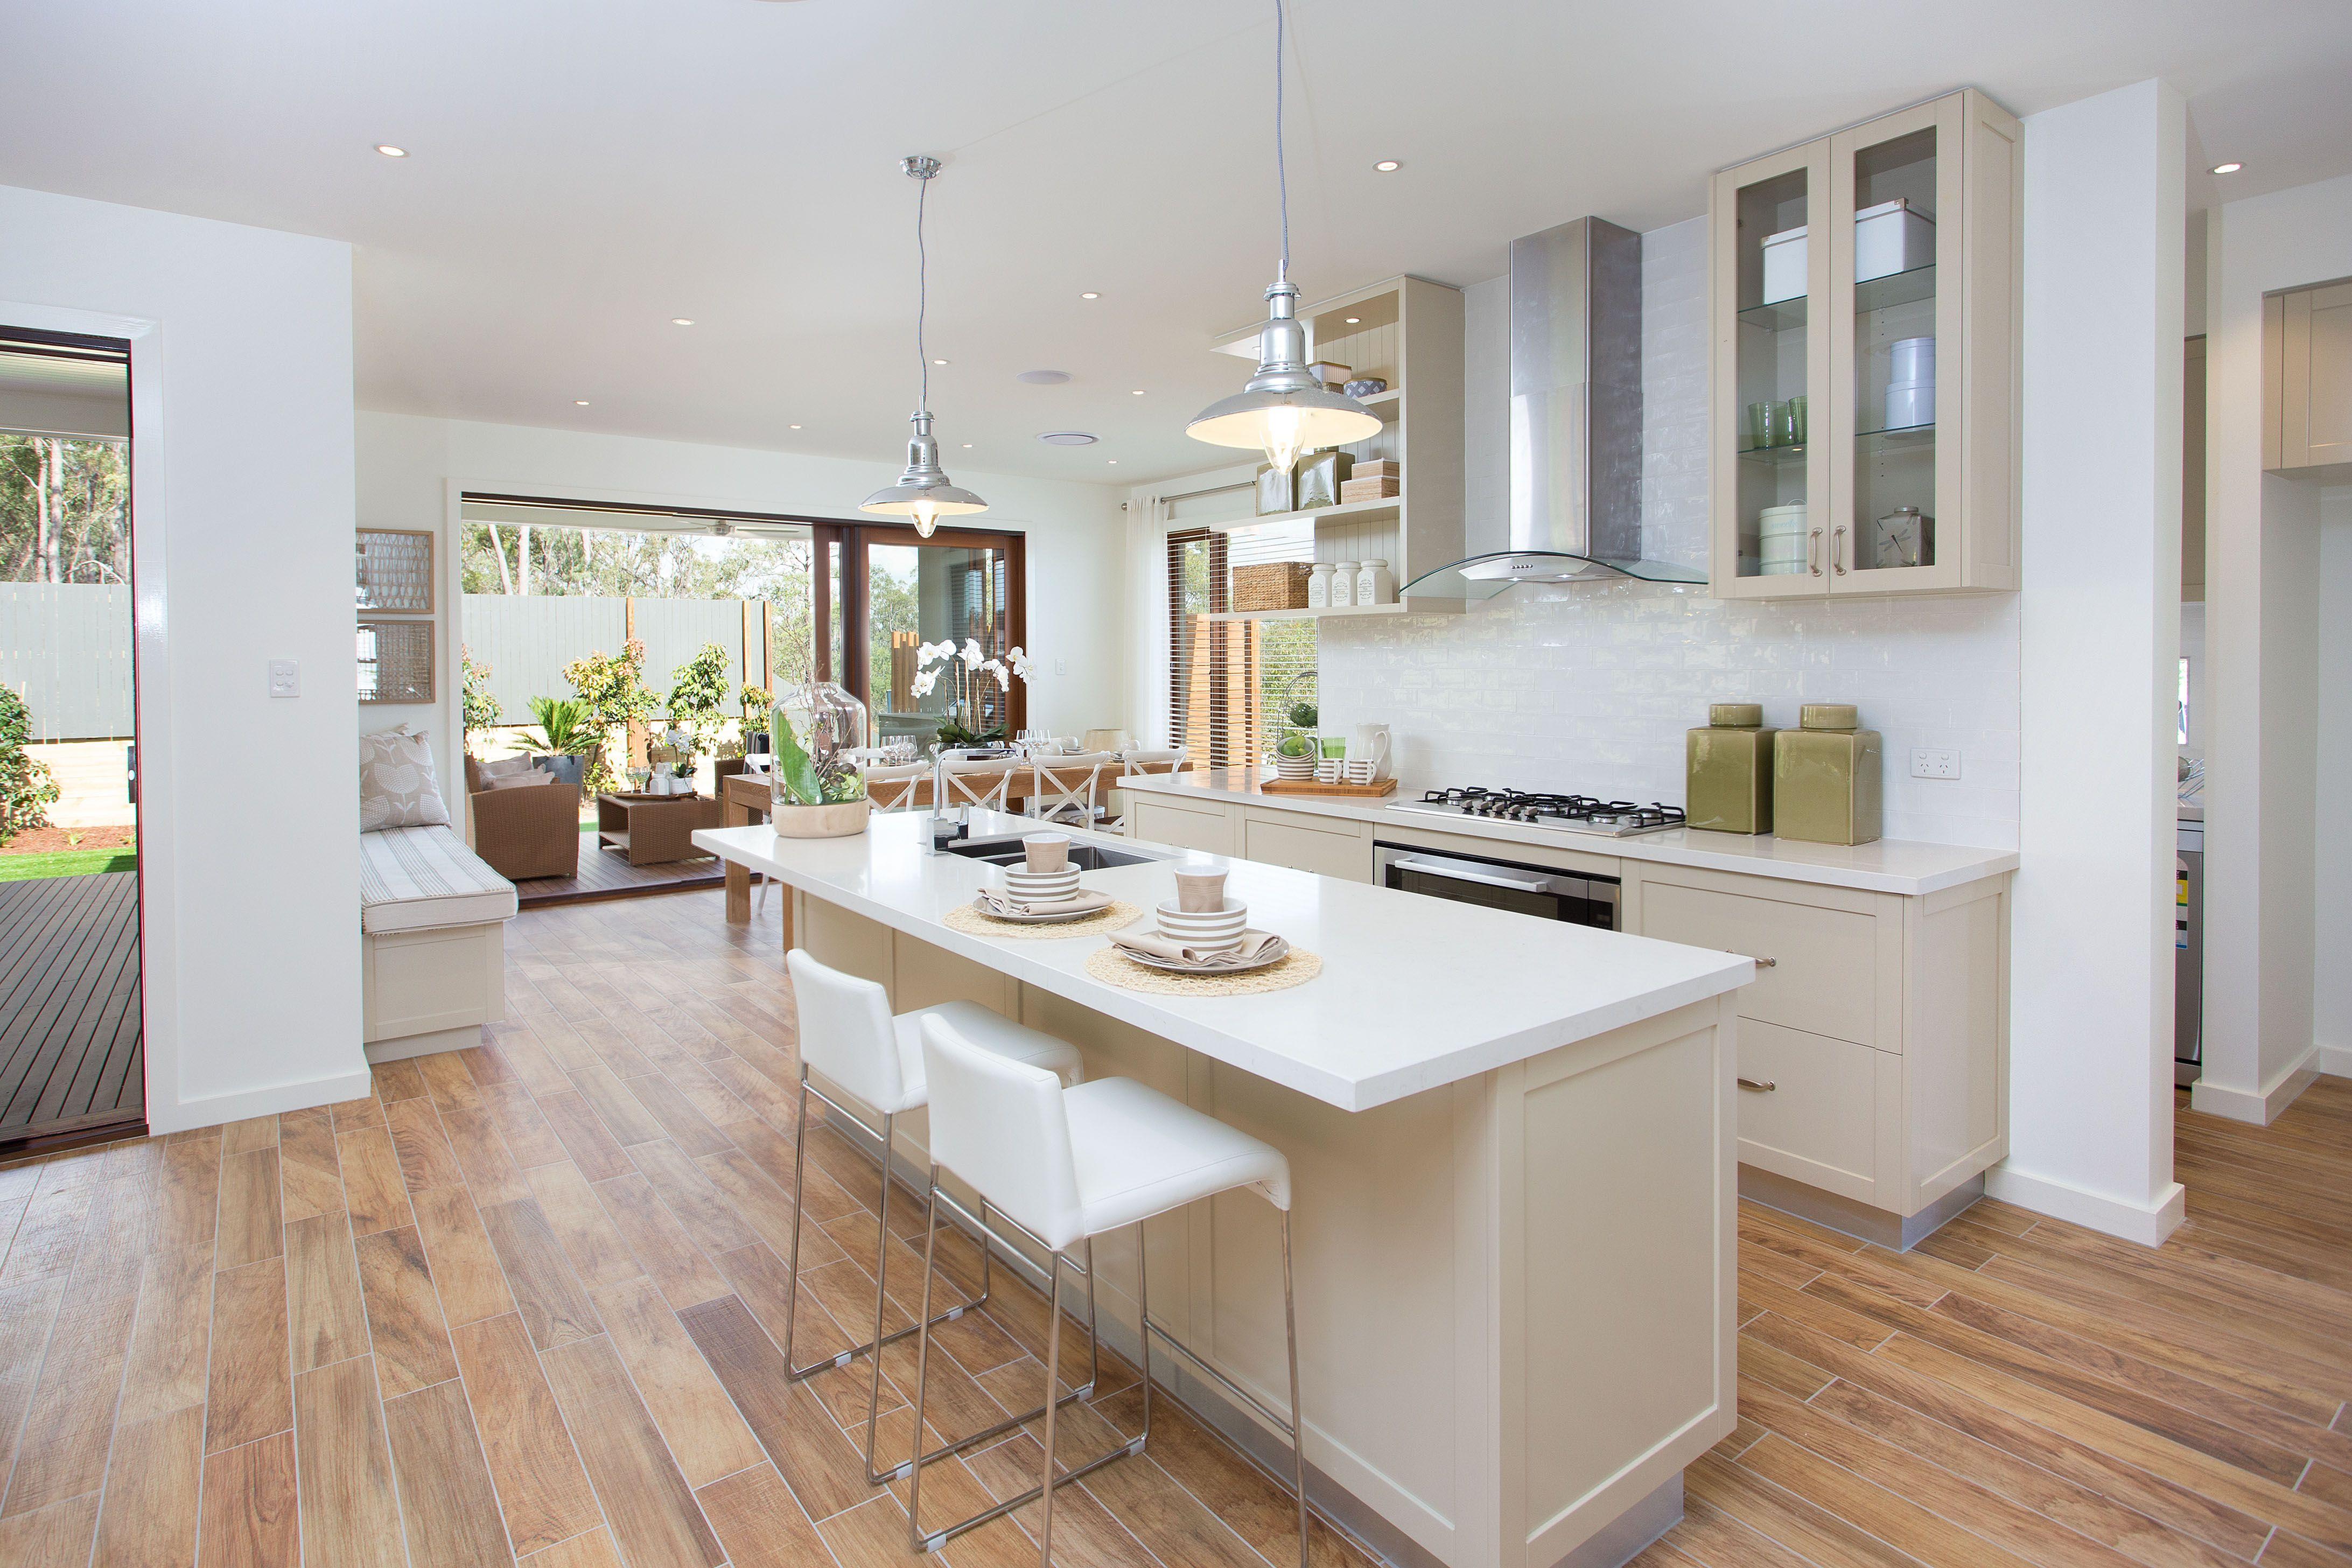 Best Brentwood Simonds Homes Interiordesign Kitchen 400 x 300